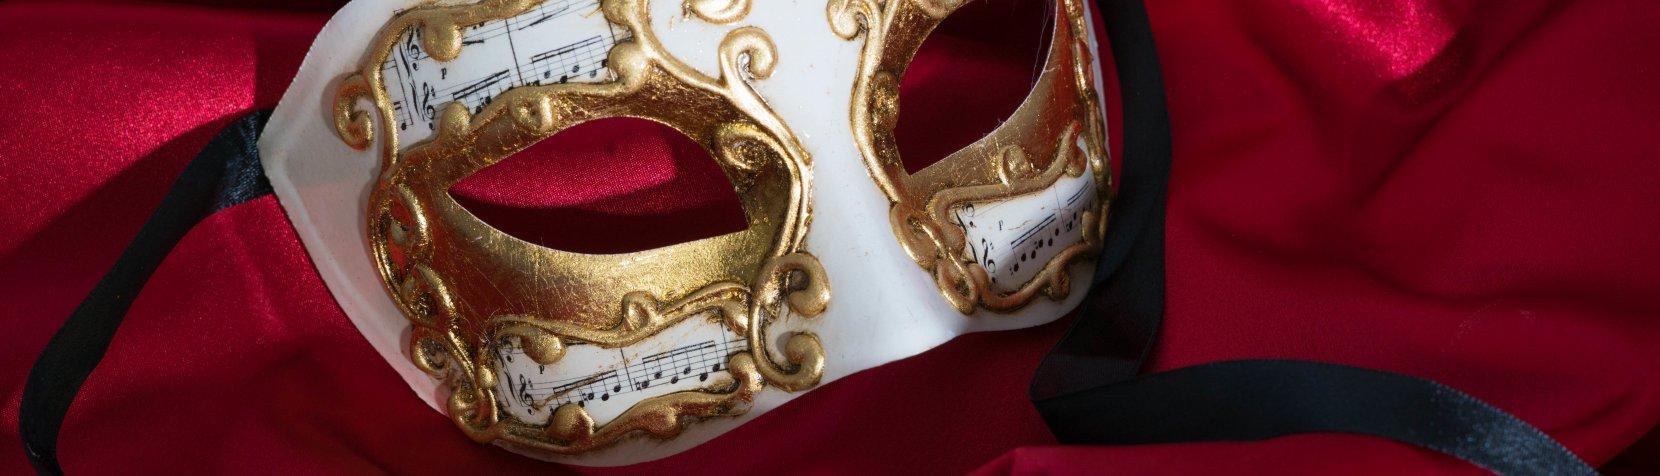 Maske i guld